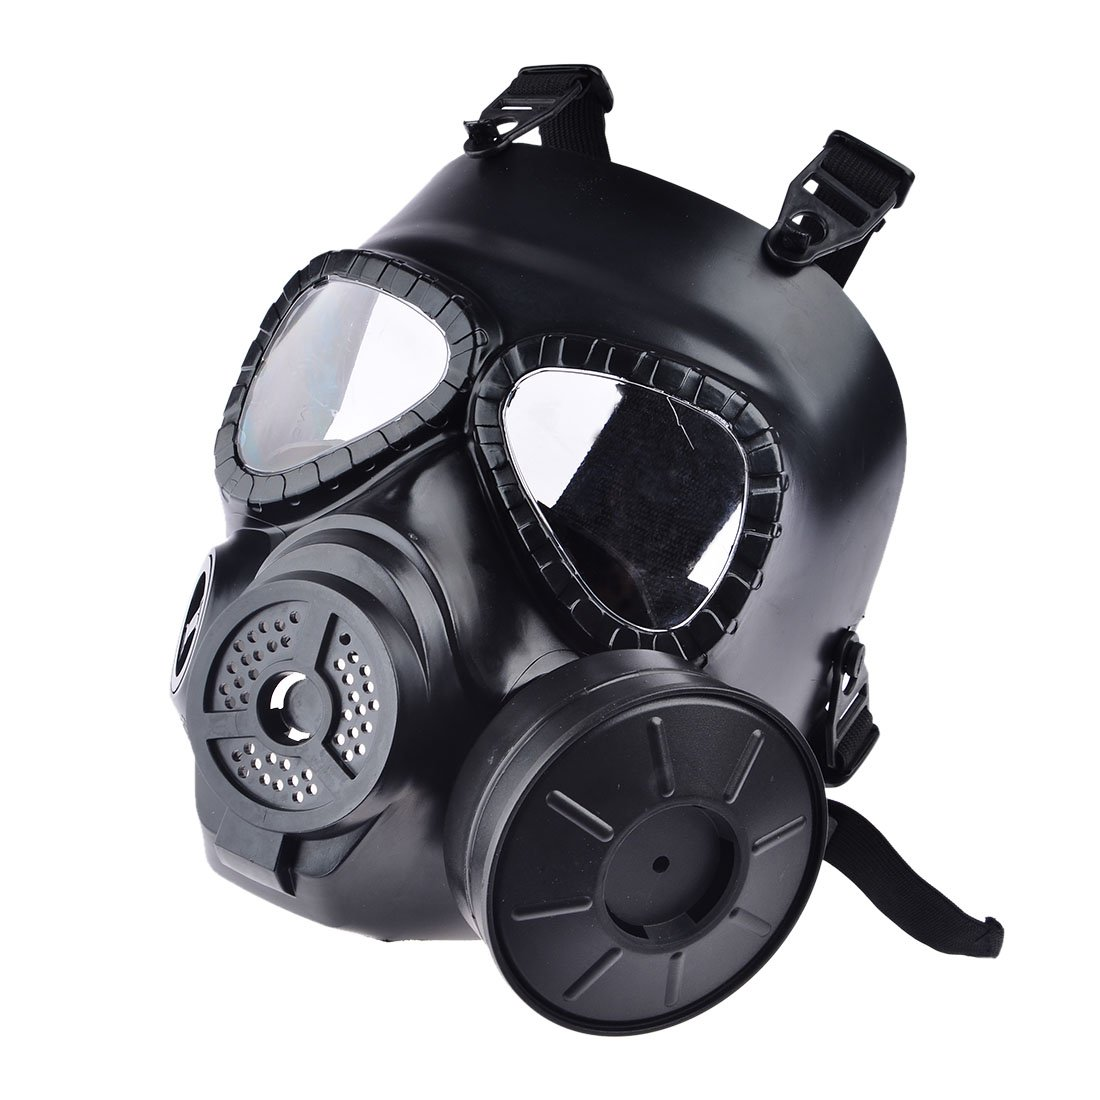 Máscara de airsoft de Foxom, protección de rostro completo, máscara táctica con respirador: Amazon.es: Deportes y aire libre